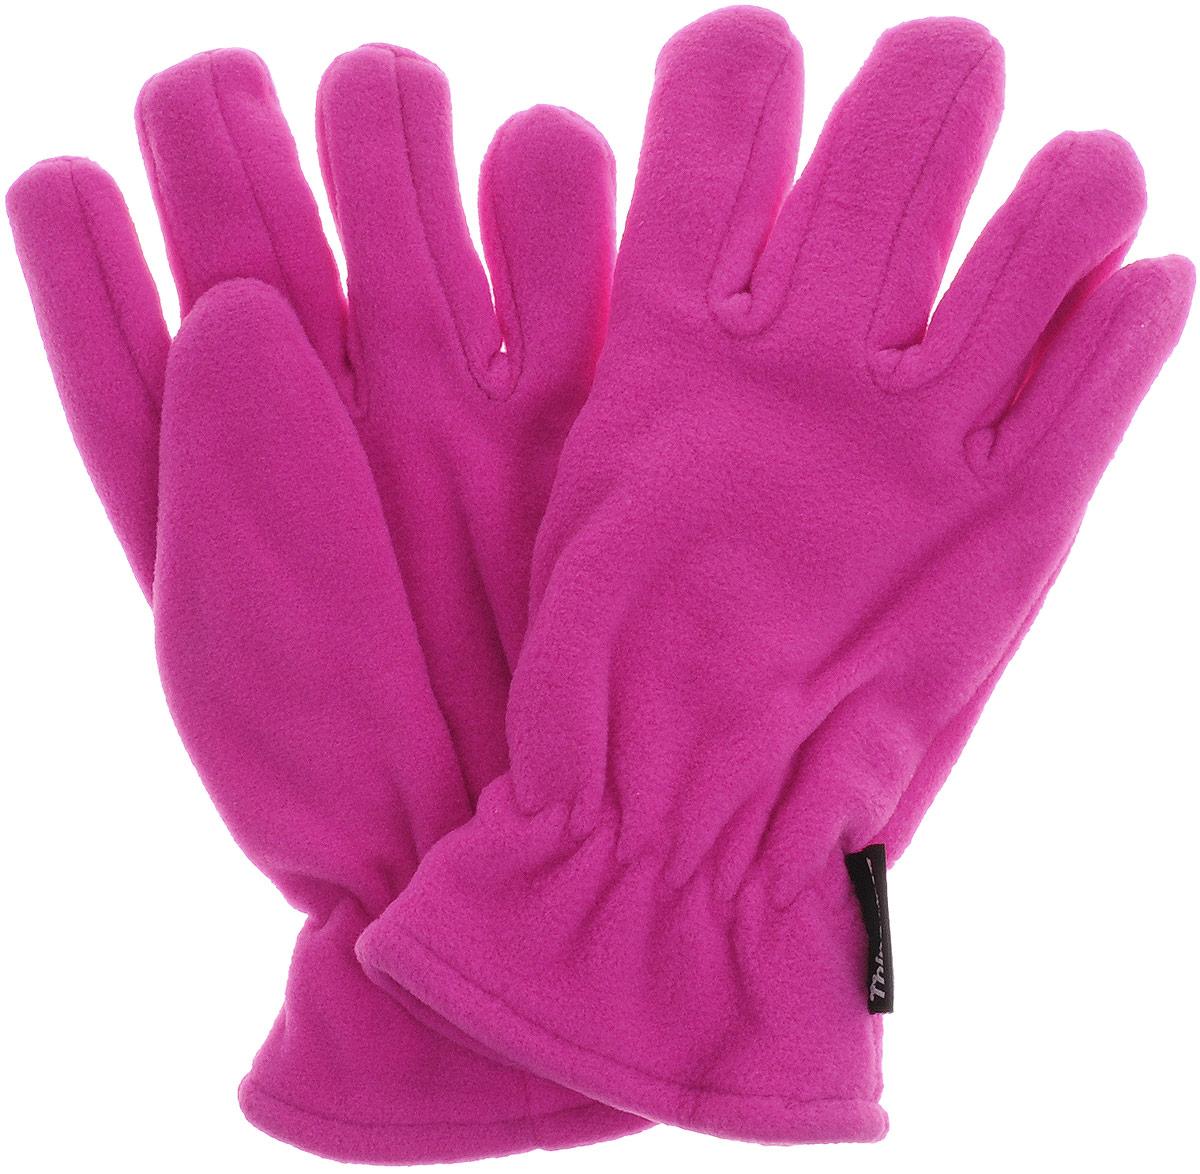 Перчатки-варежки женские Ignite, цвет: розовый. B-3610. Размер 7,5B-3610Женские флисовые перчатки-варежки R.Mountain не только защитят ваши руки, но и станут великолепным украшением. Изделие представляет собой перчатки без пальцев, к внешней стороне которых крепится капюшон, накинув его на пальцы, перчатки превращаются в варежки. Капюшон фиксируется на перчатке при помощи липучки. Специальная резинка на пульсе не допустит попадания снега и надёжно удержит перчатки на руке.